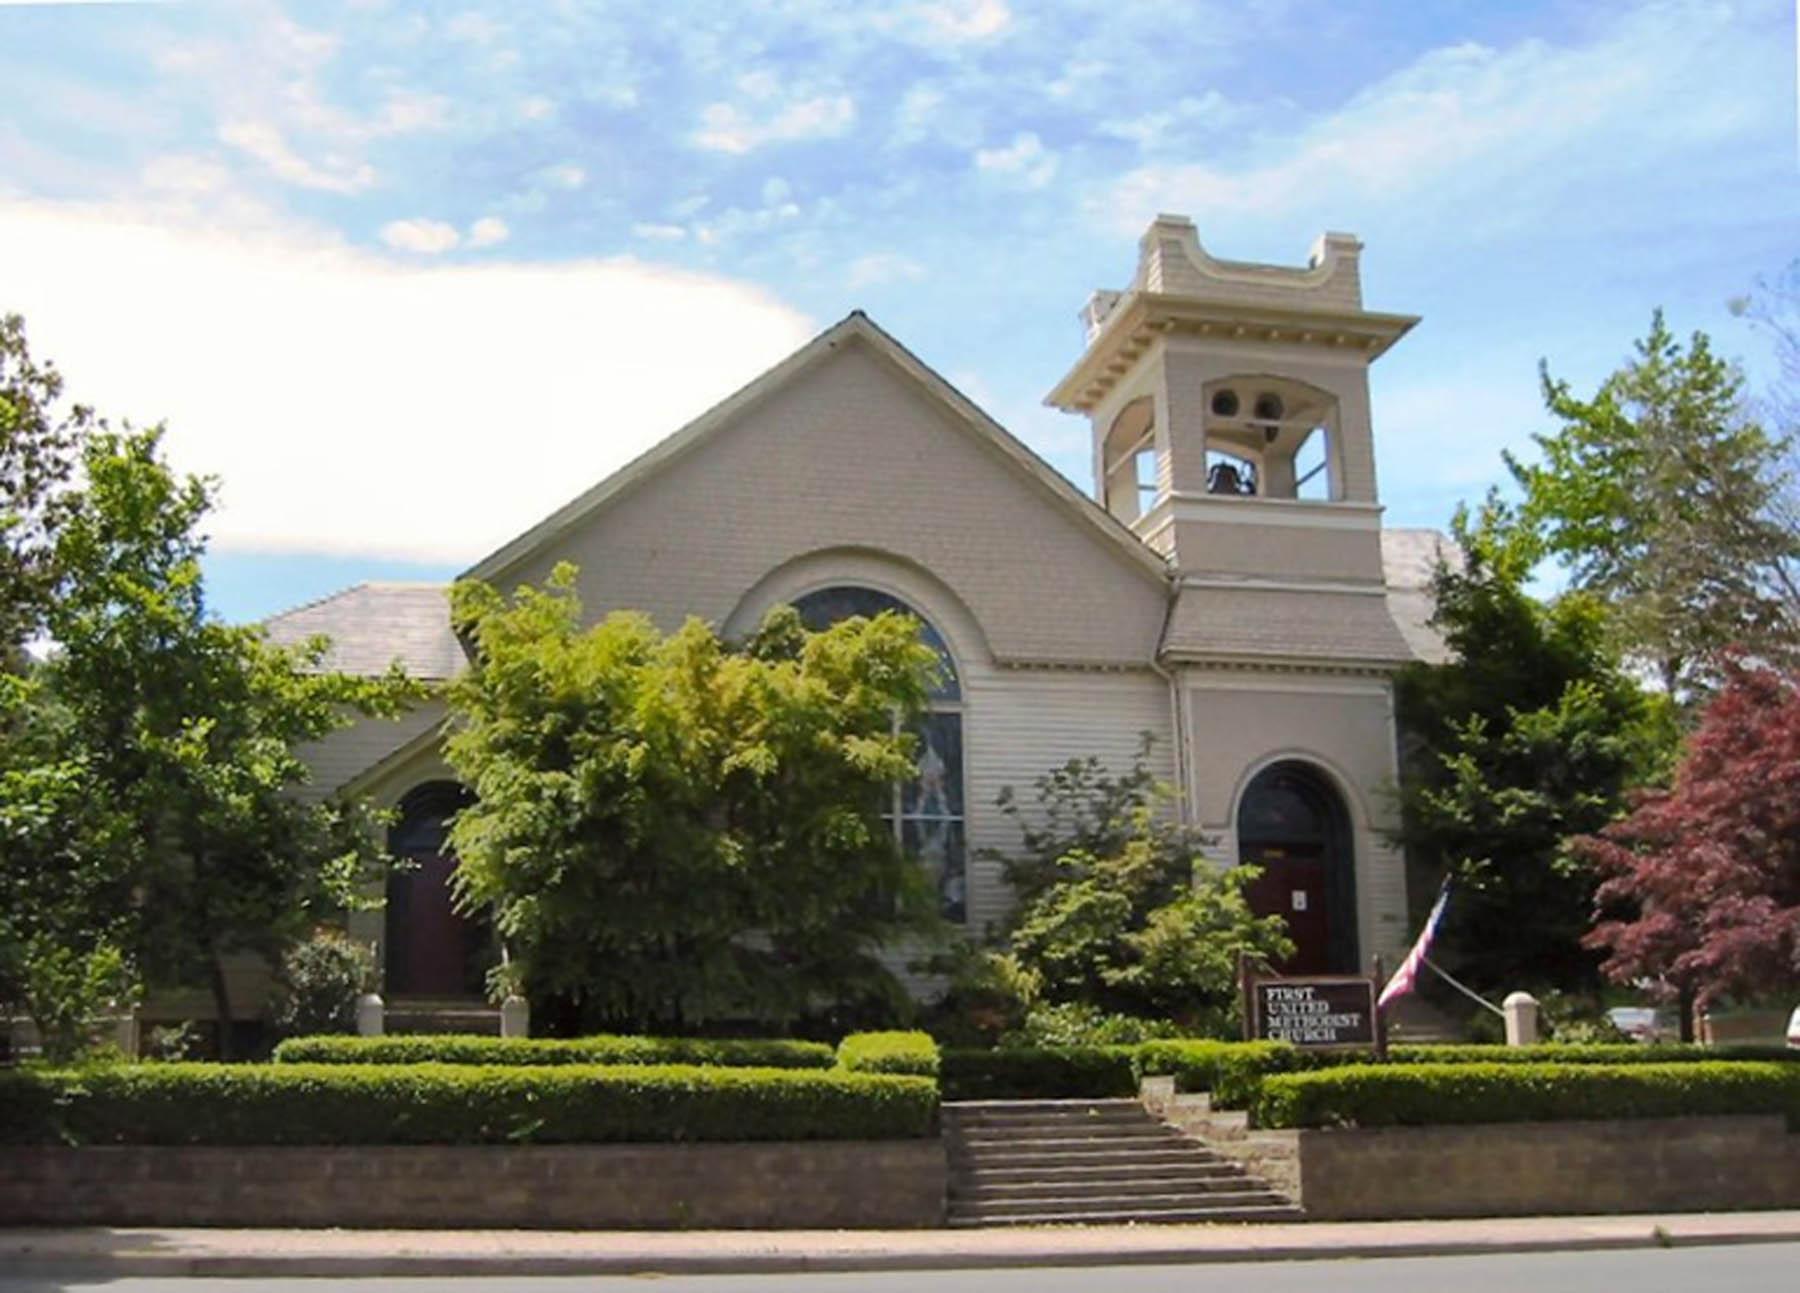 Ch 5 First United Methodist Church_web copy.jpg